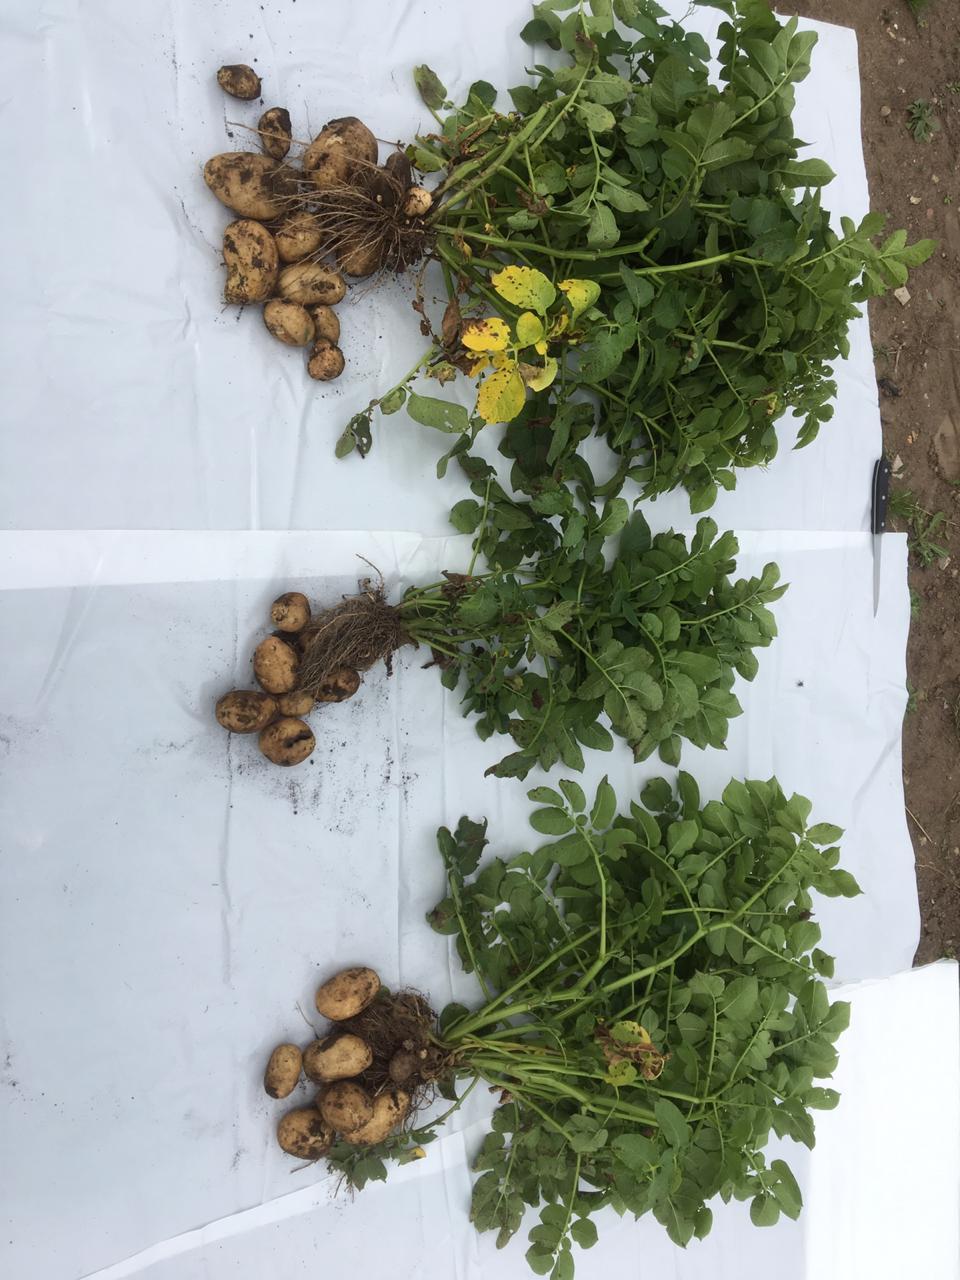 word image 79 Разработка и экспериментальная проверка рекомендаций технологий получения двух урожаев экологически чистого картофеля ранних сортов